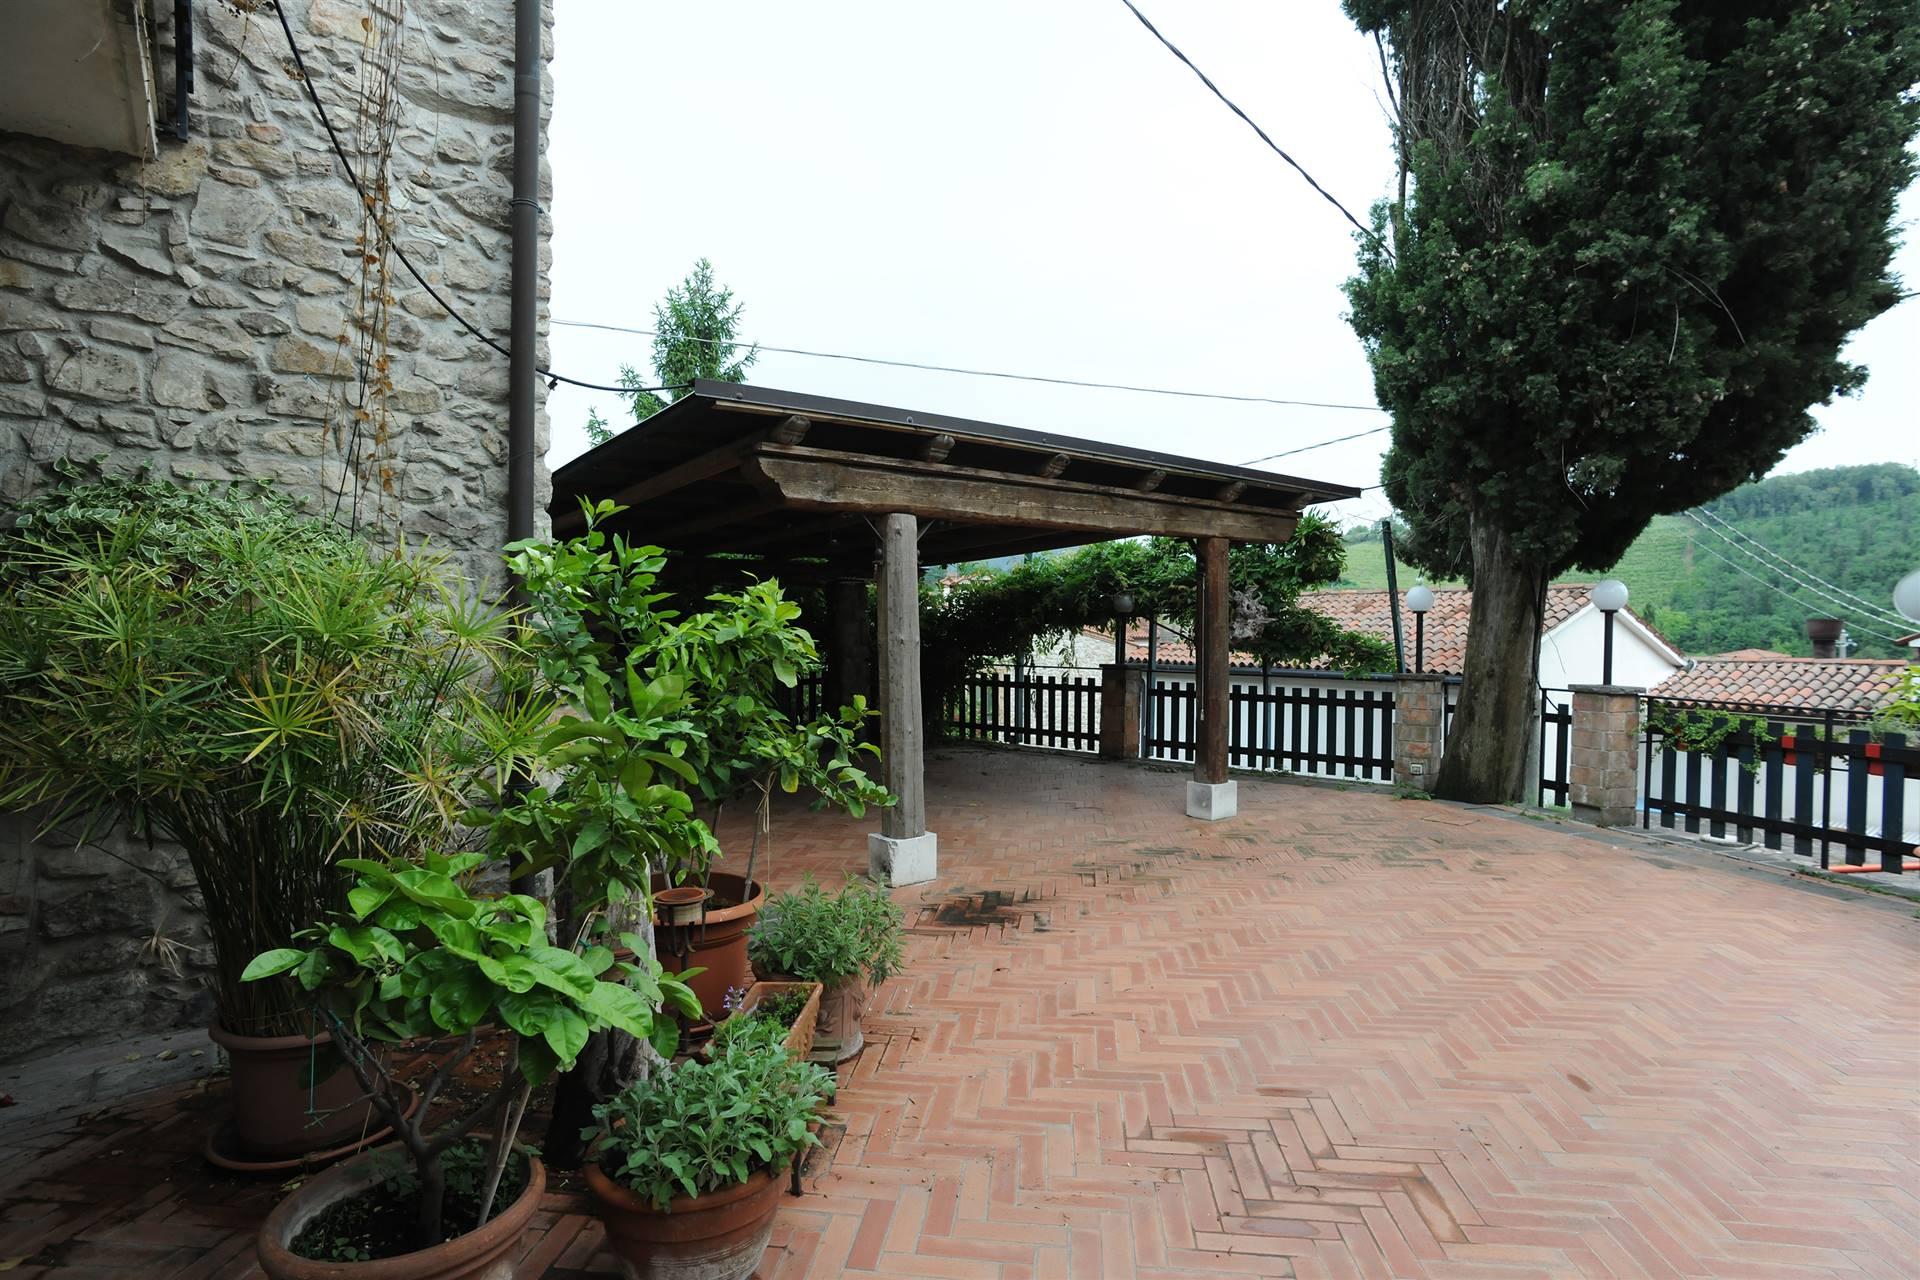 Rustico / Casale in affitto a Cinto Euganeo, 8 locali, zona Località: VALNOGAREDO, prezzo € 1.500   CambioCasa.it